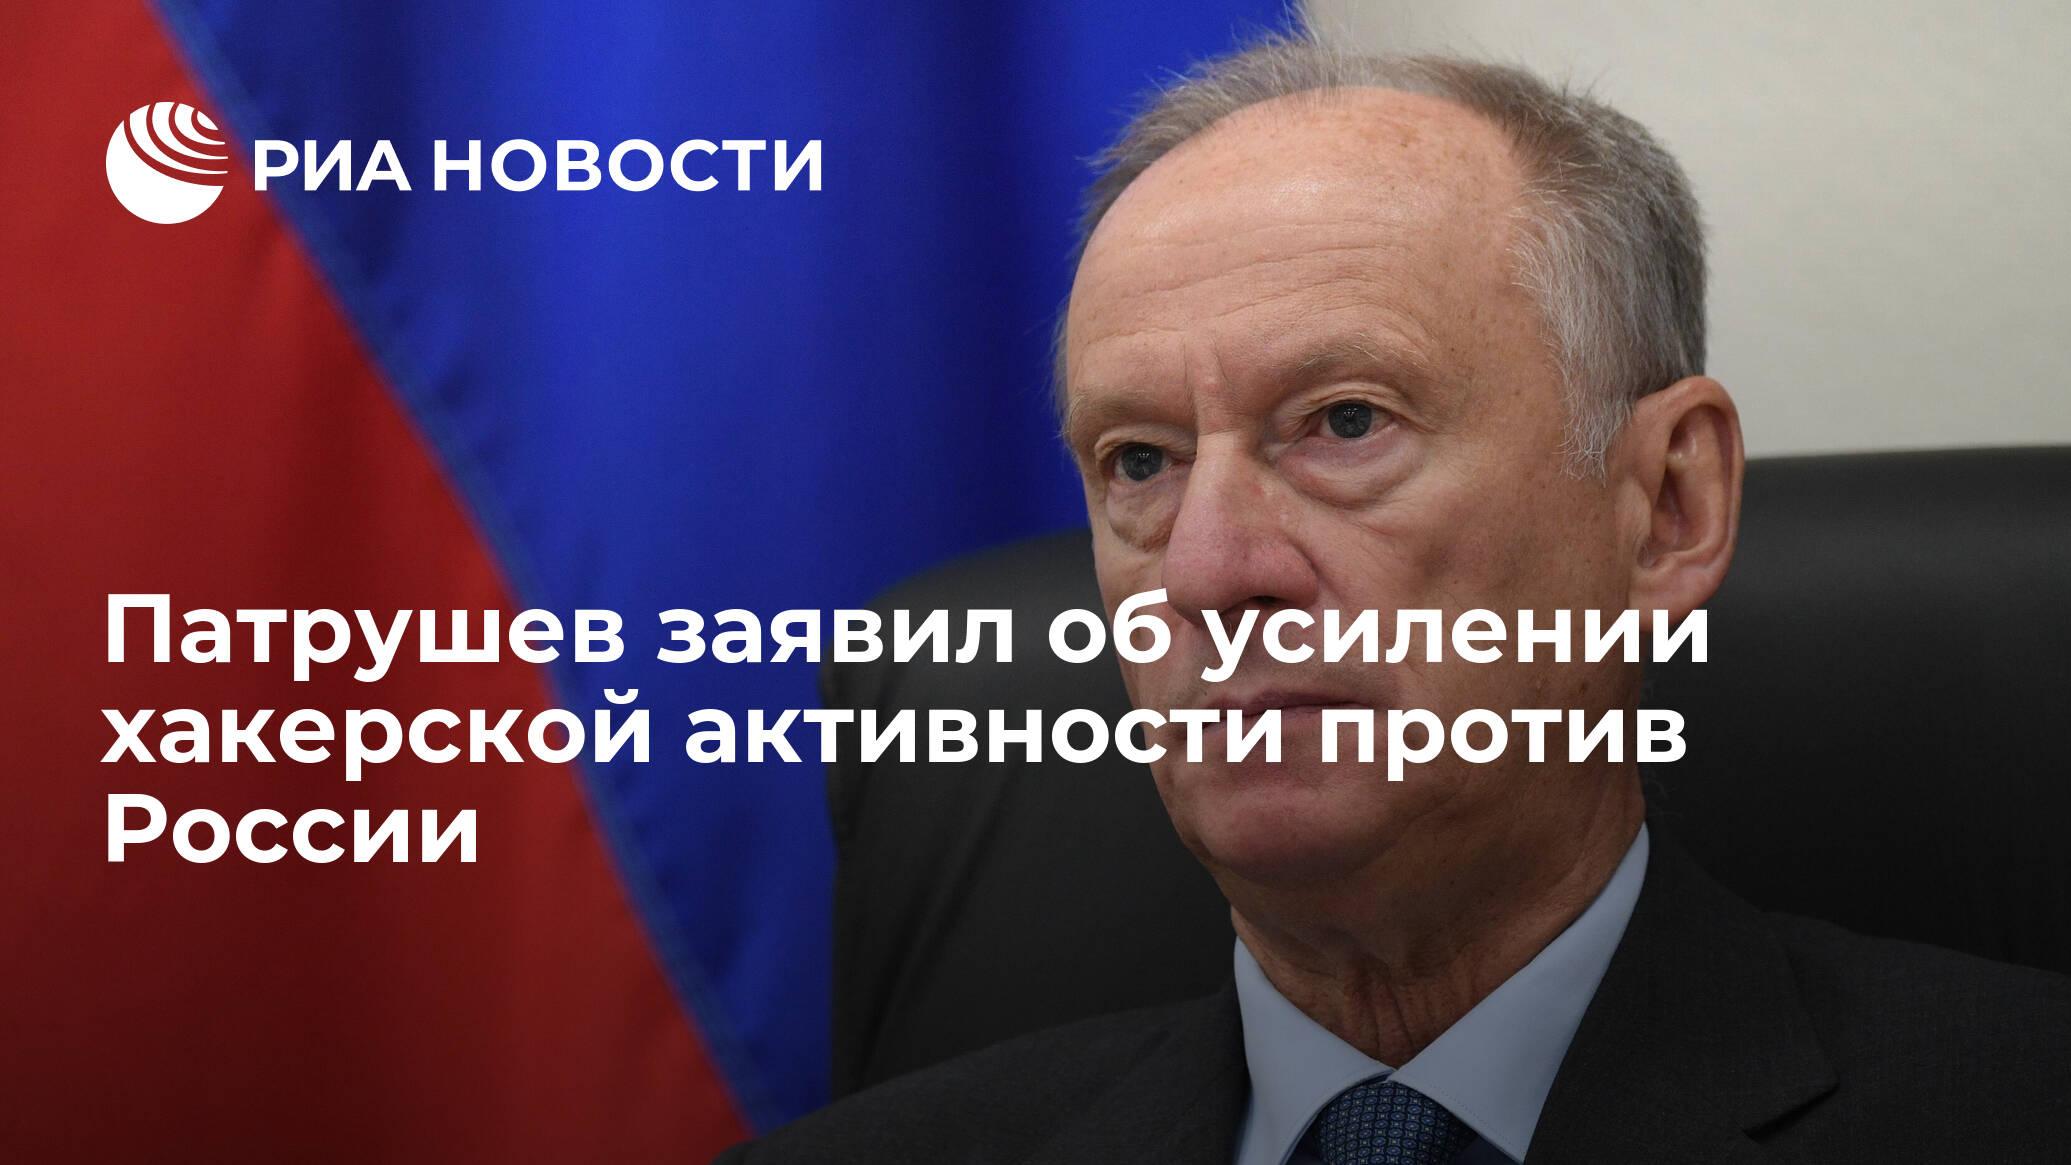 Патрушев заявил об усилении хакерской активности против России